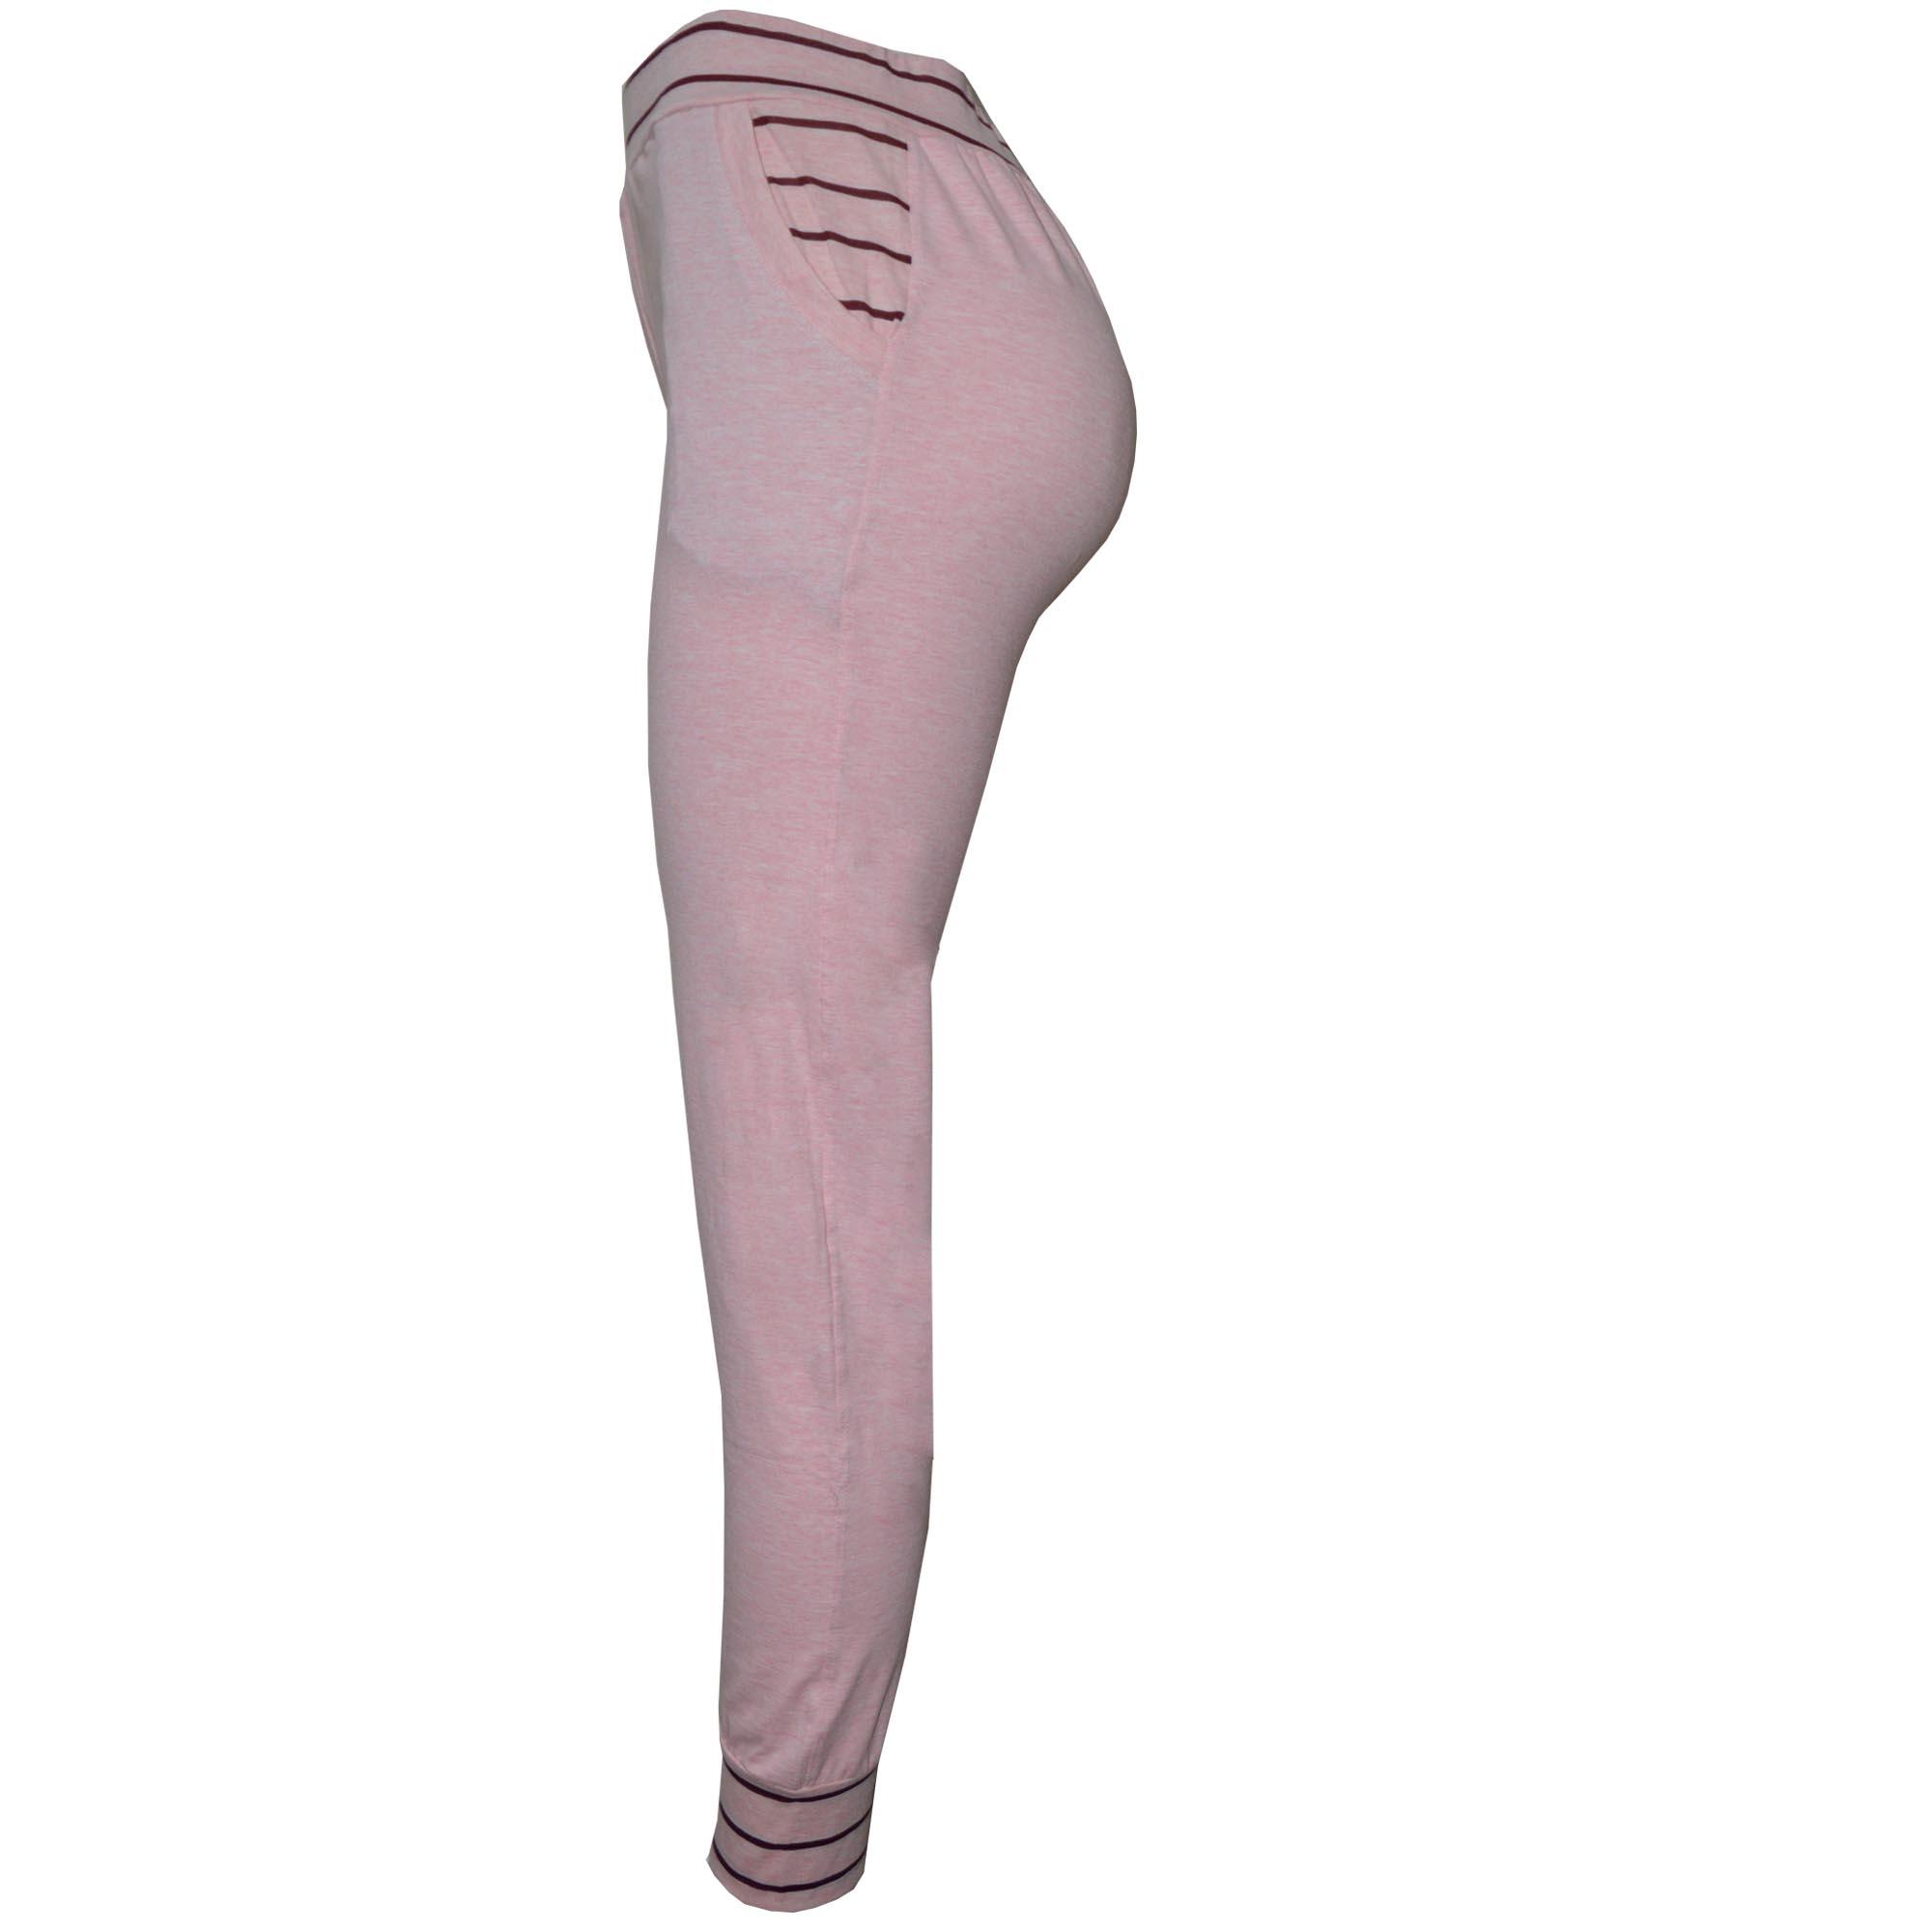 خرید                                      شلوار زنانه طرح پاندا کد 1005 رنگ صورتی